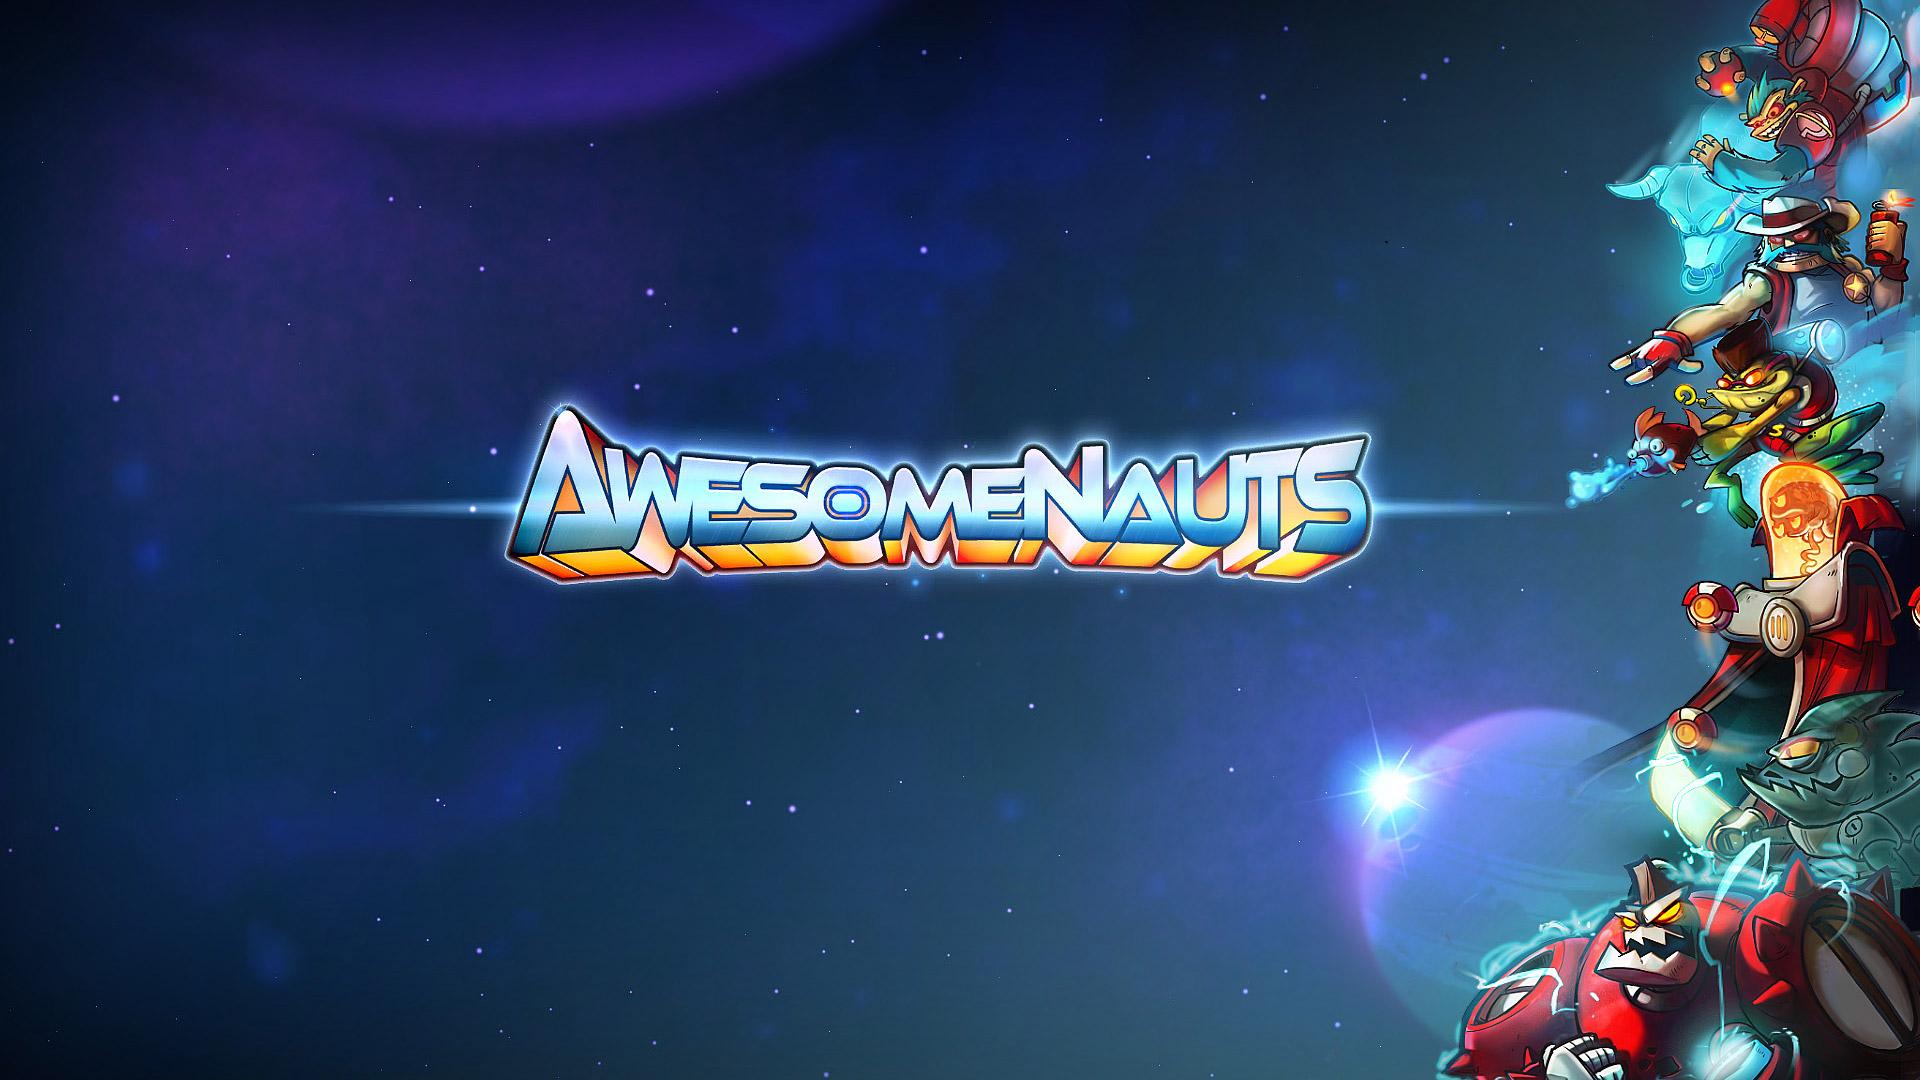 Awesomenauts wallpaper 2